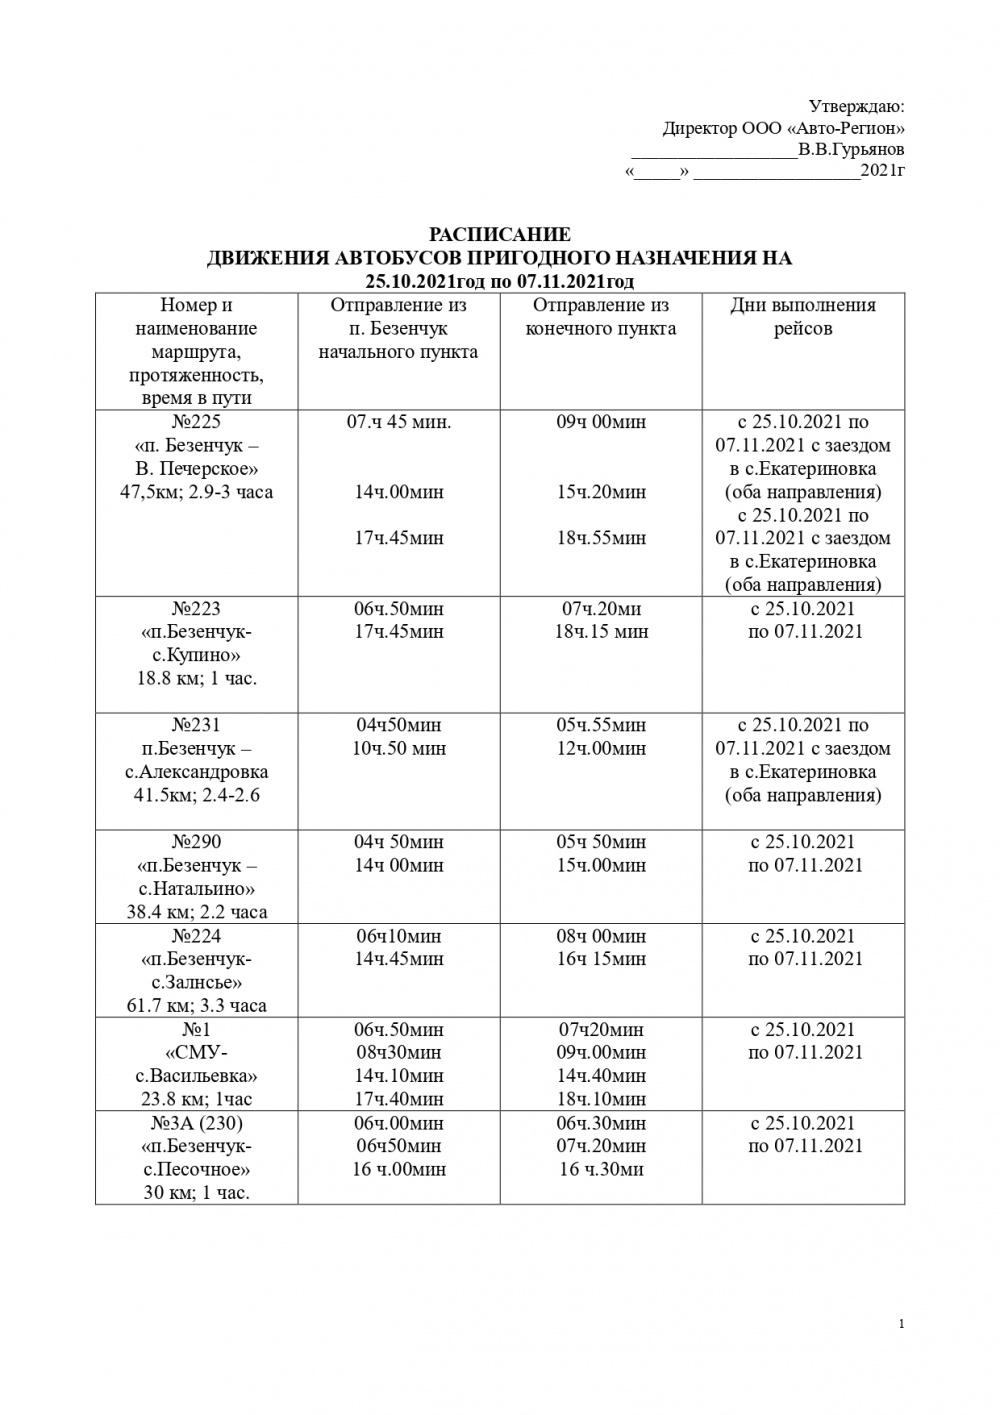 Расписание автобусов с 25 октября по 7 ноября